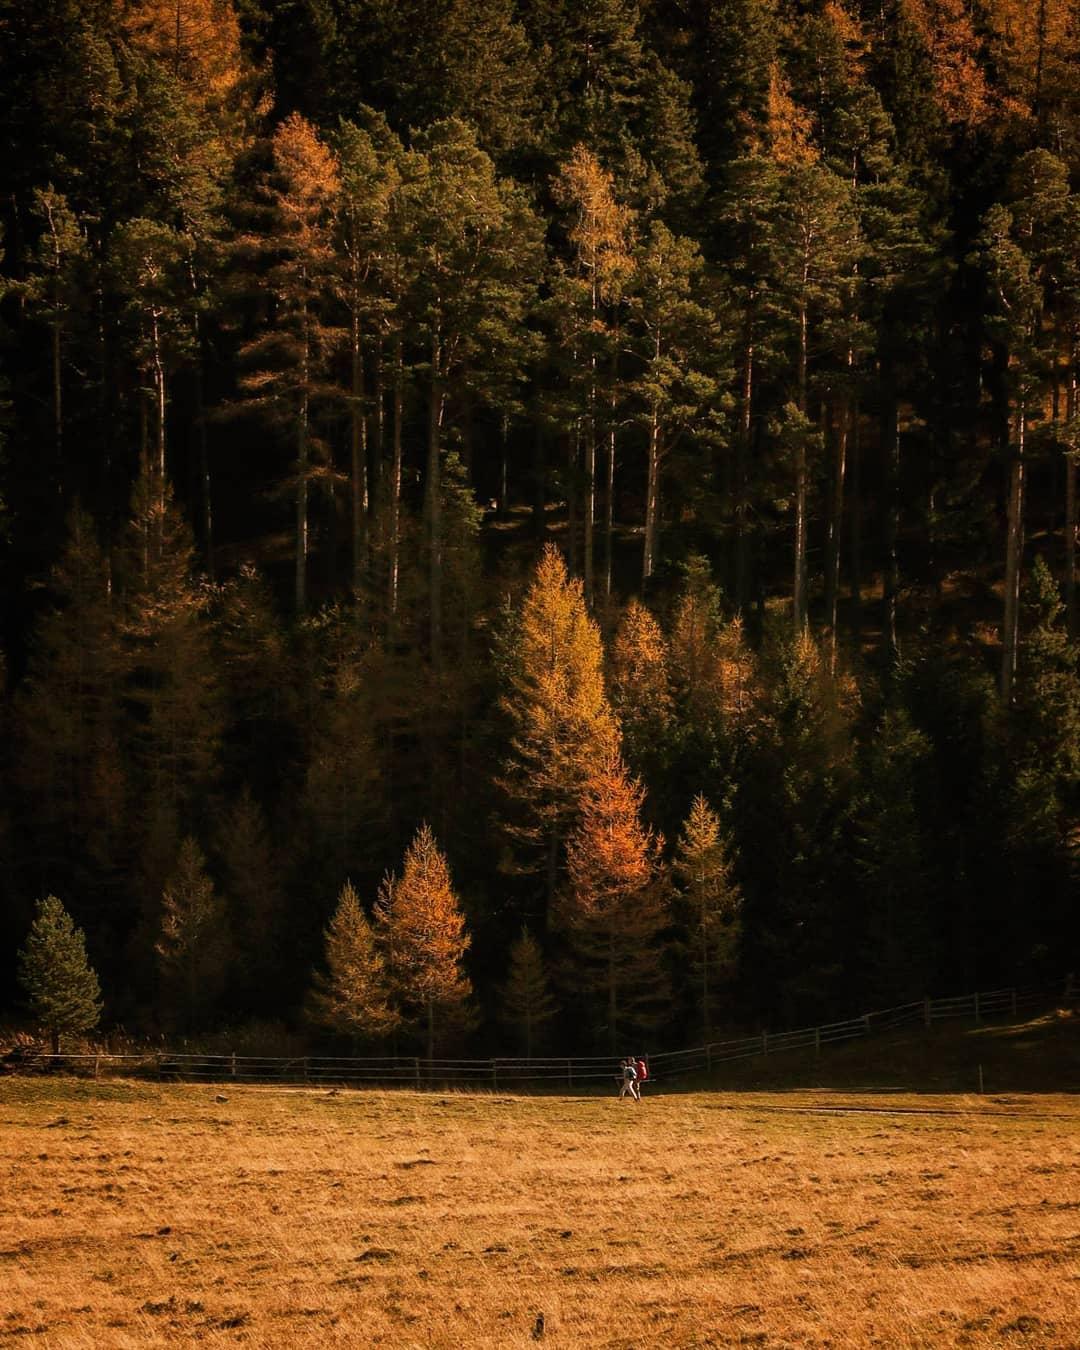 Blick auf ein Waldstück im Herbst